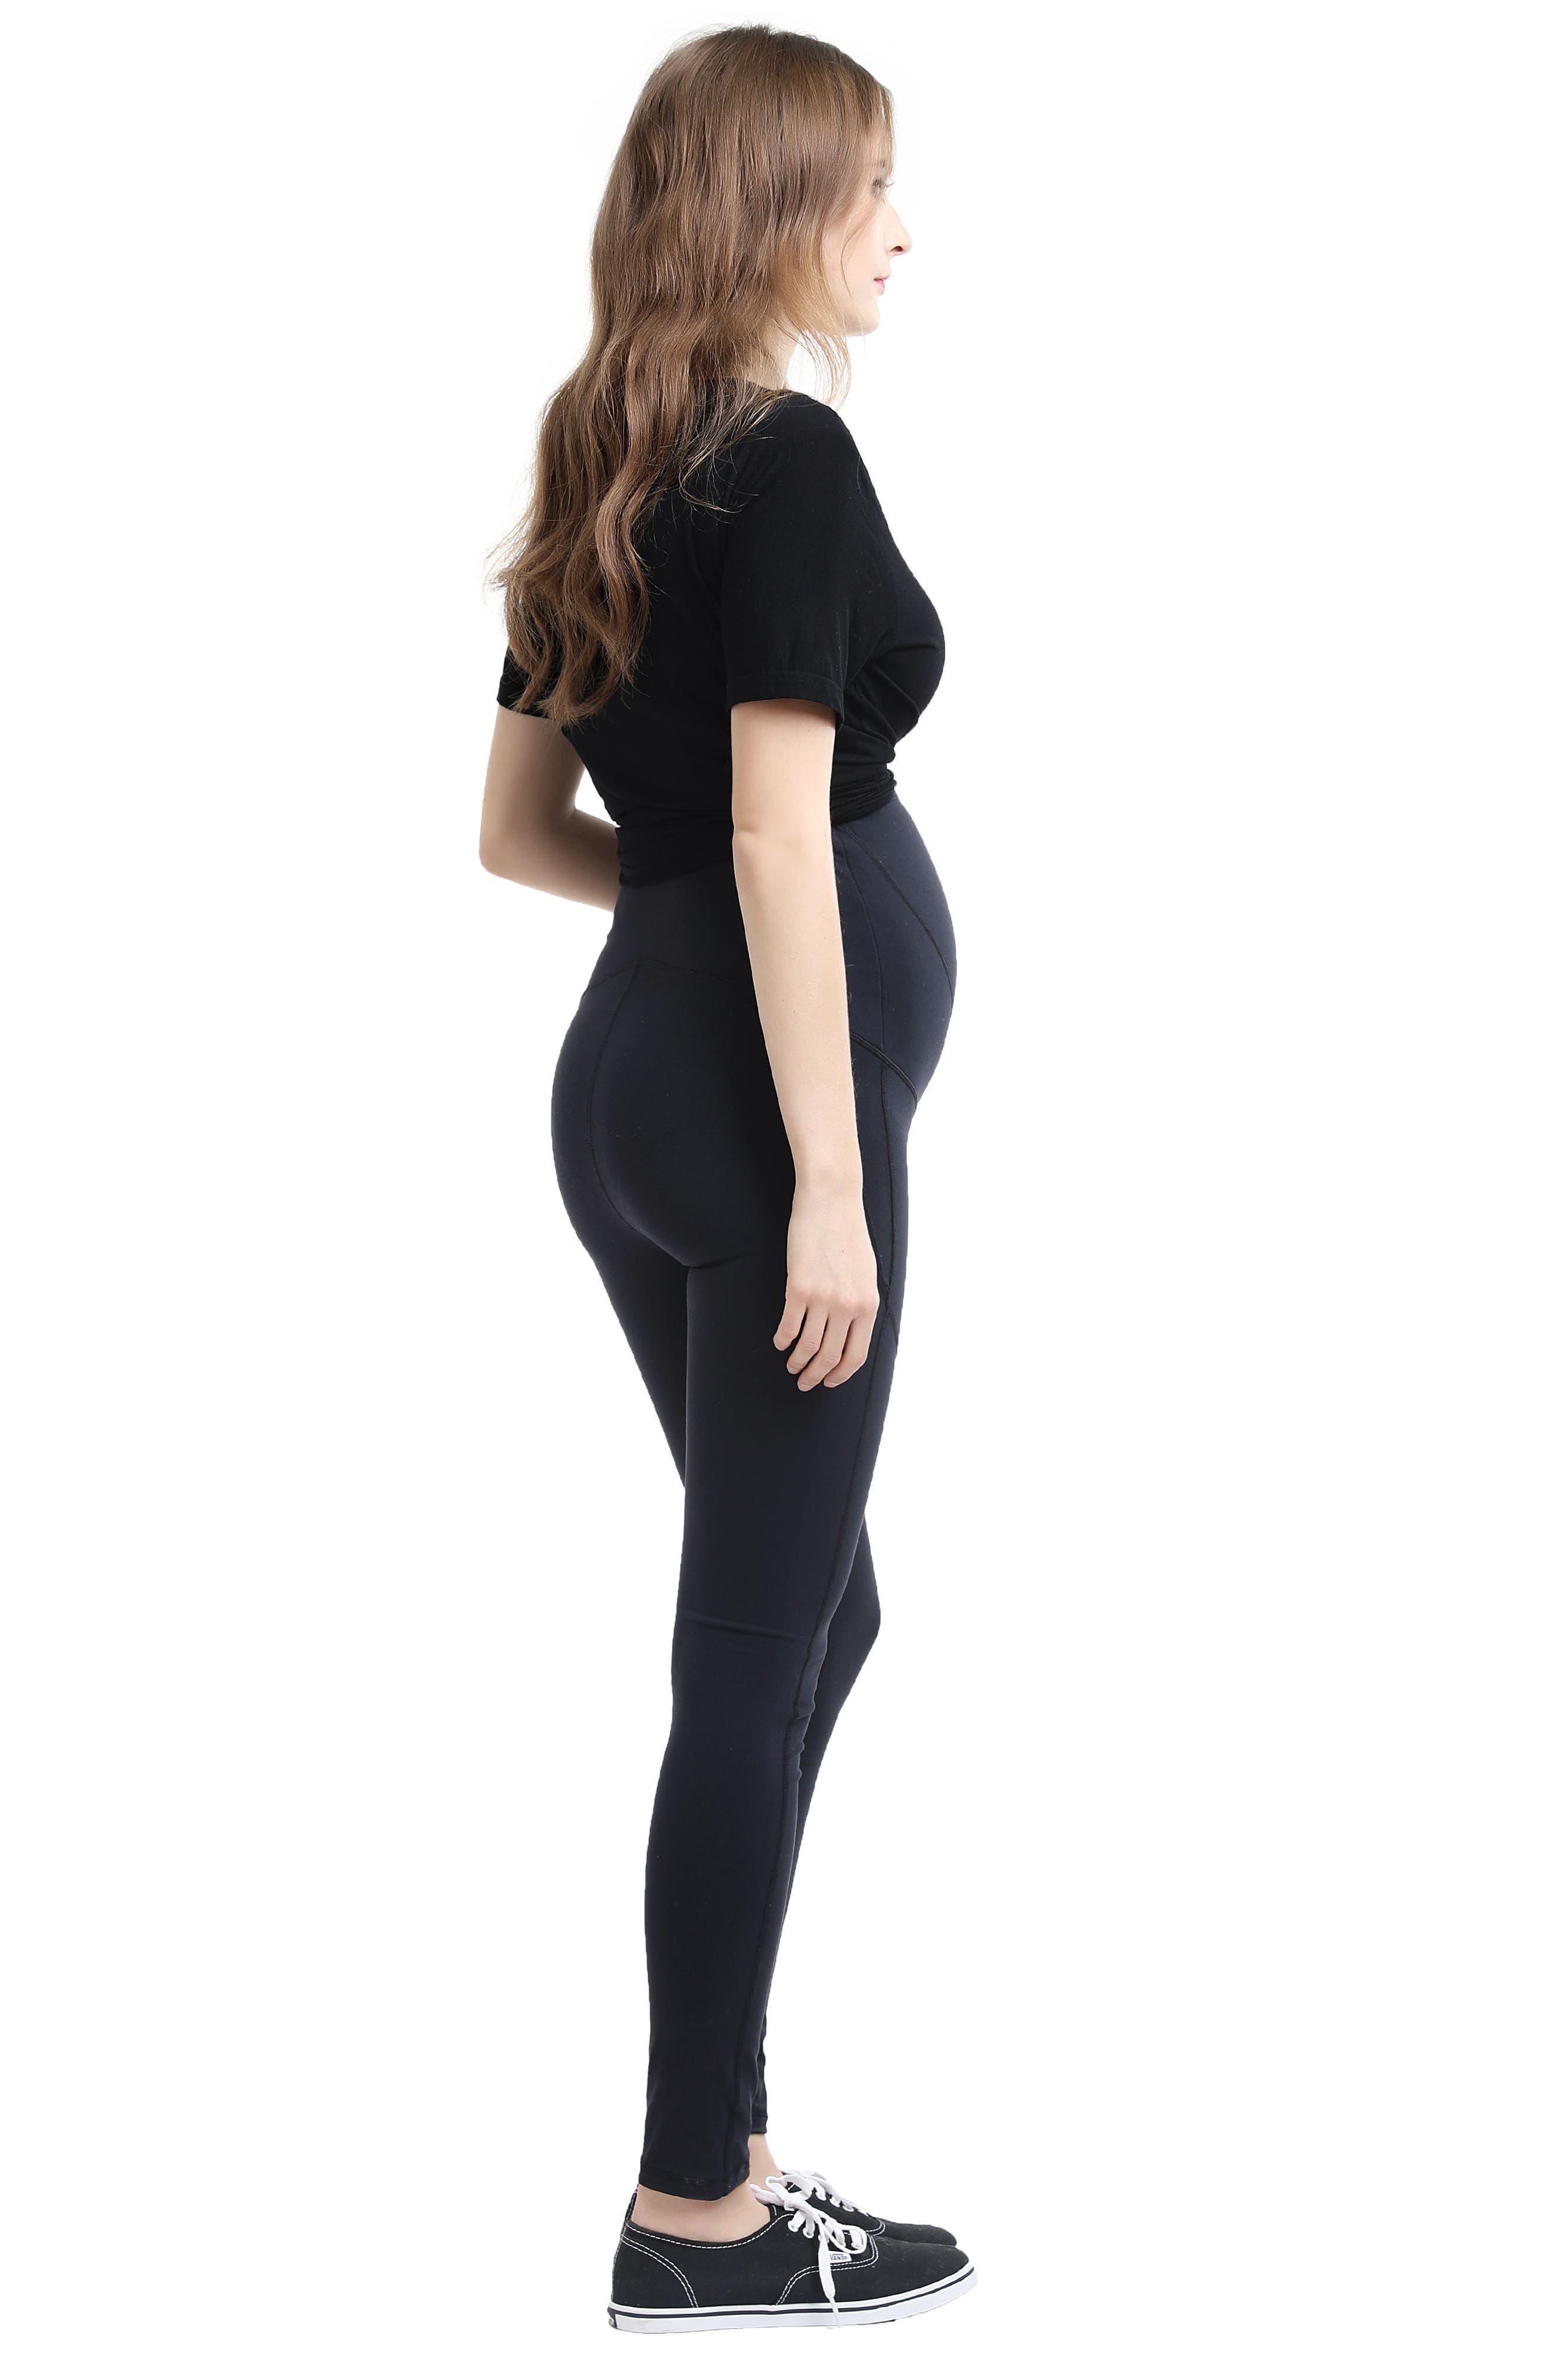 Blair High Performance Full Panel Maternity Leggings,                             Alternate thumbnail 4, color,                             BLACK